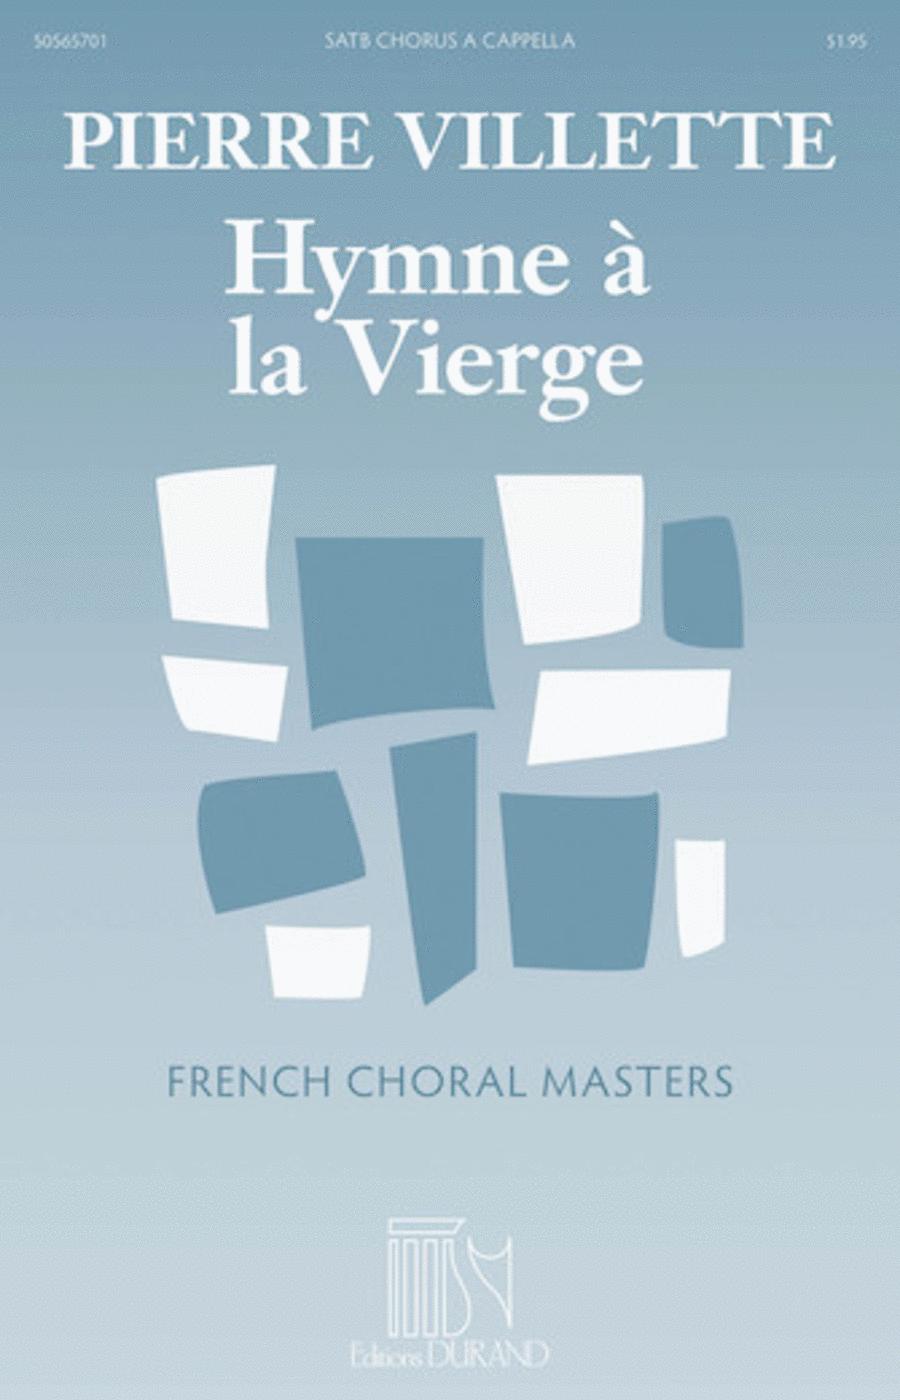 Hymne à la Vierge (Hymn to the Virgin)